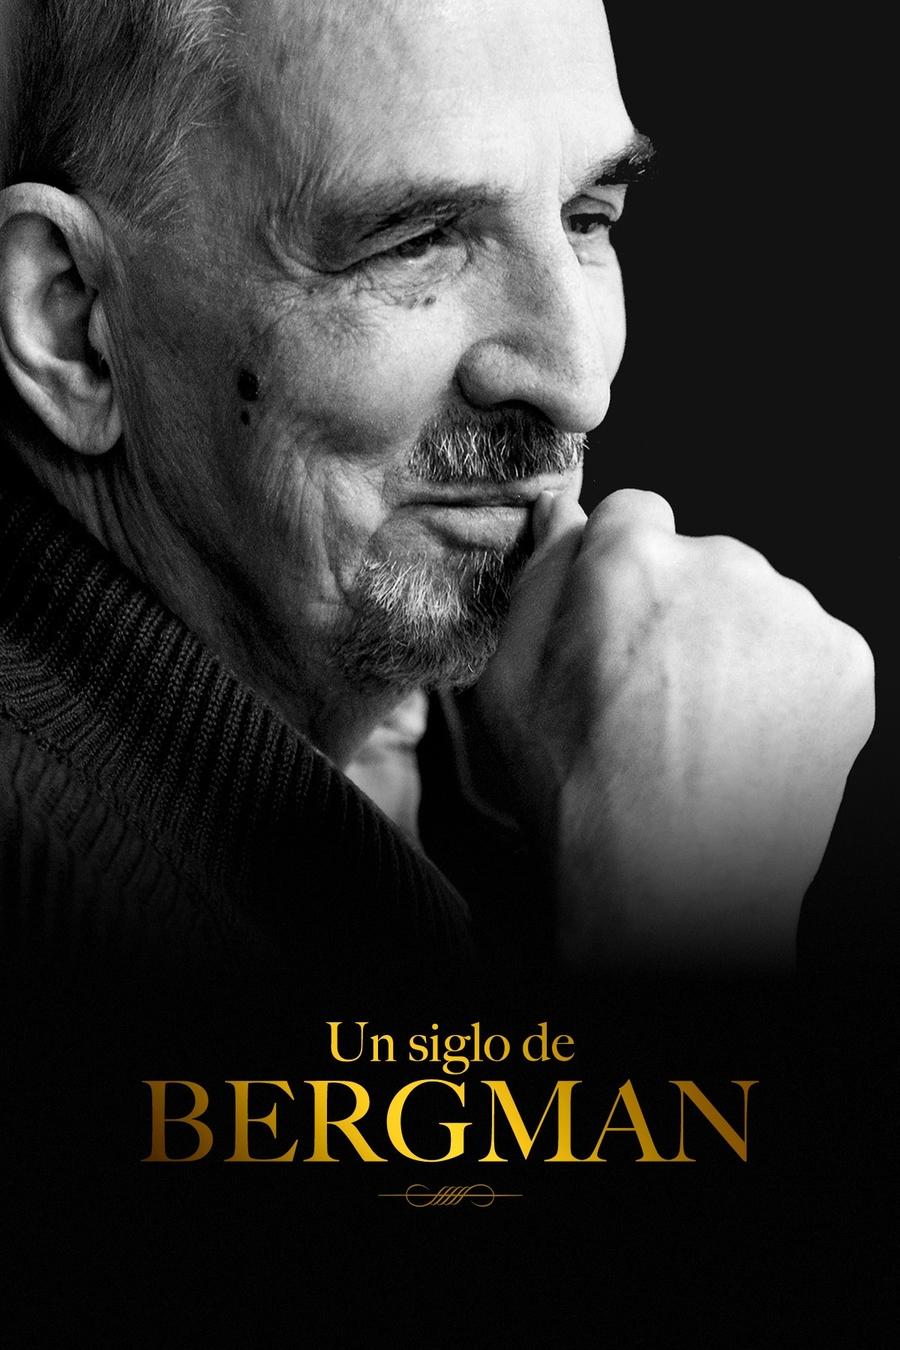 Un siglo de Bergman